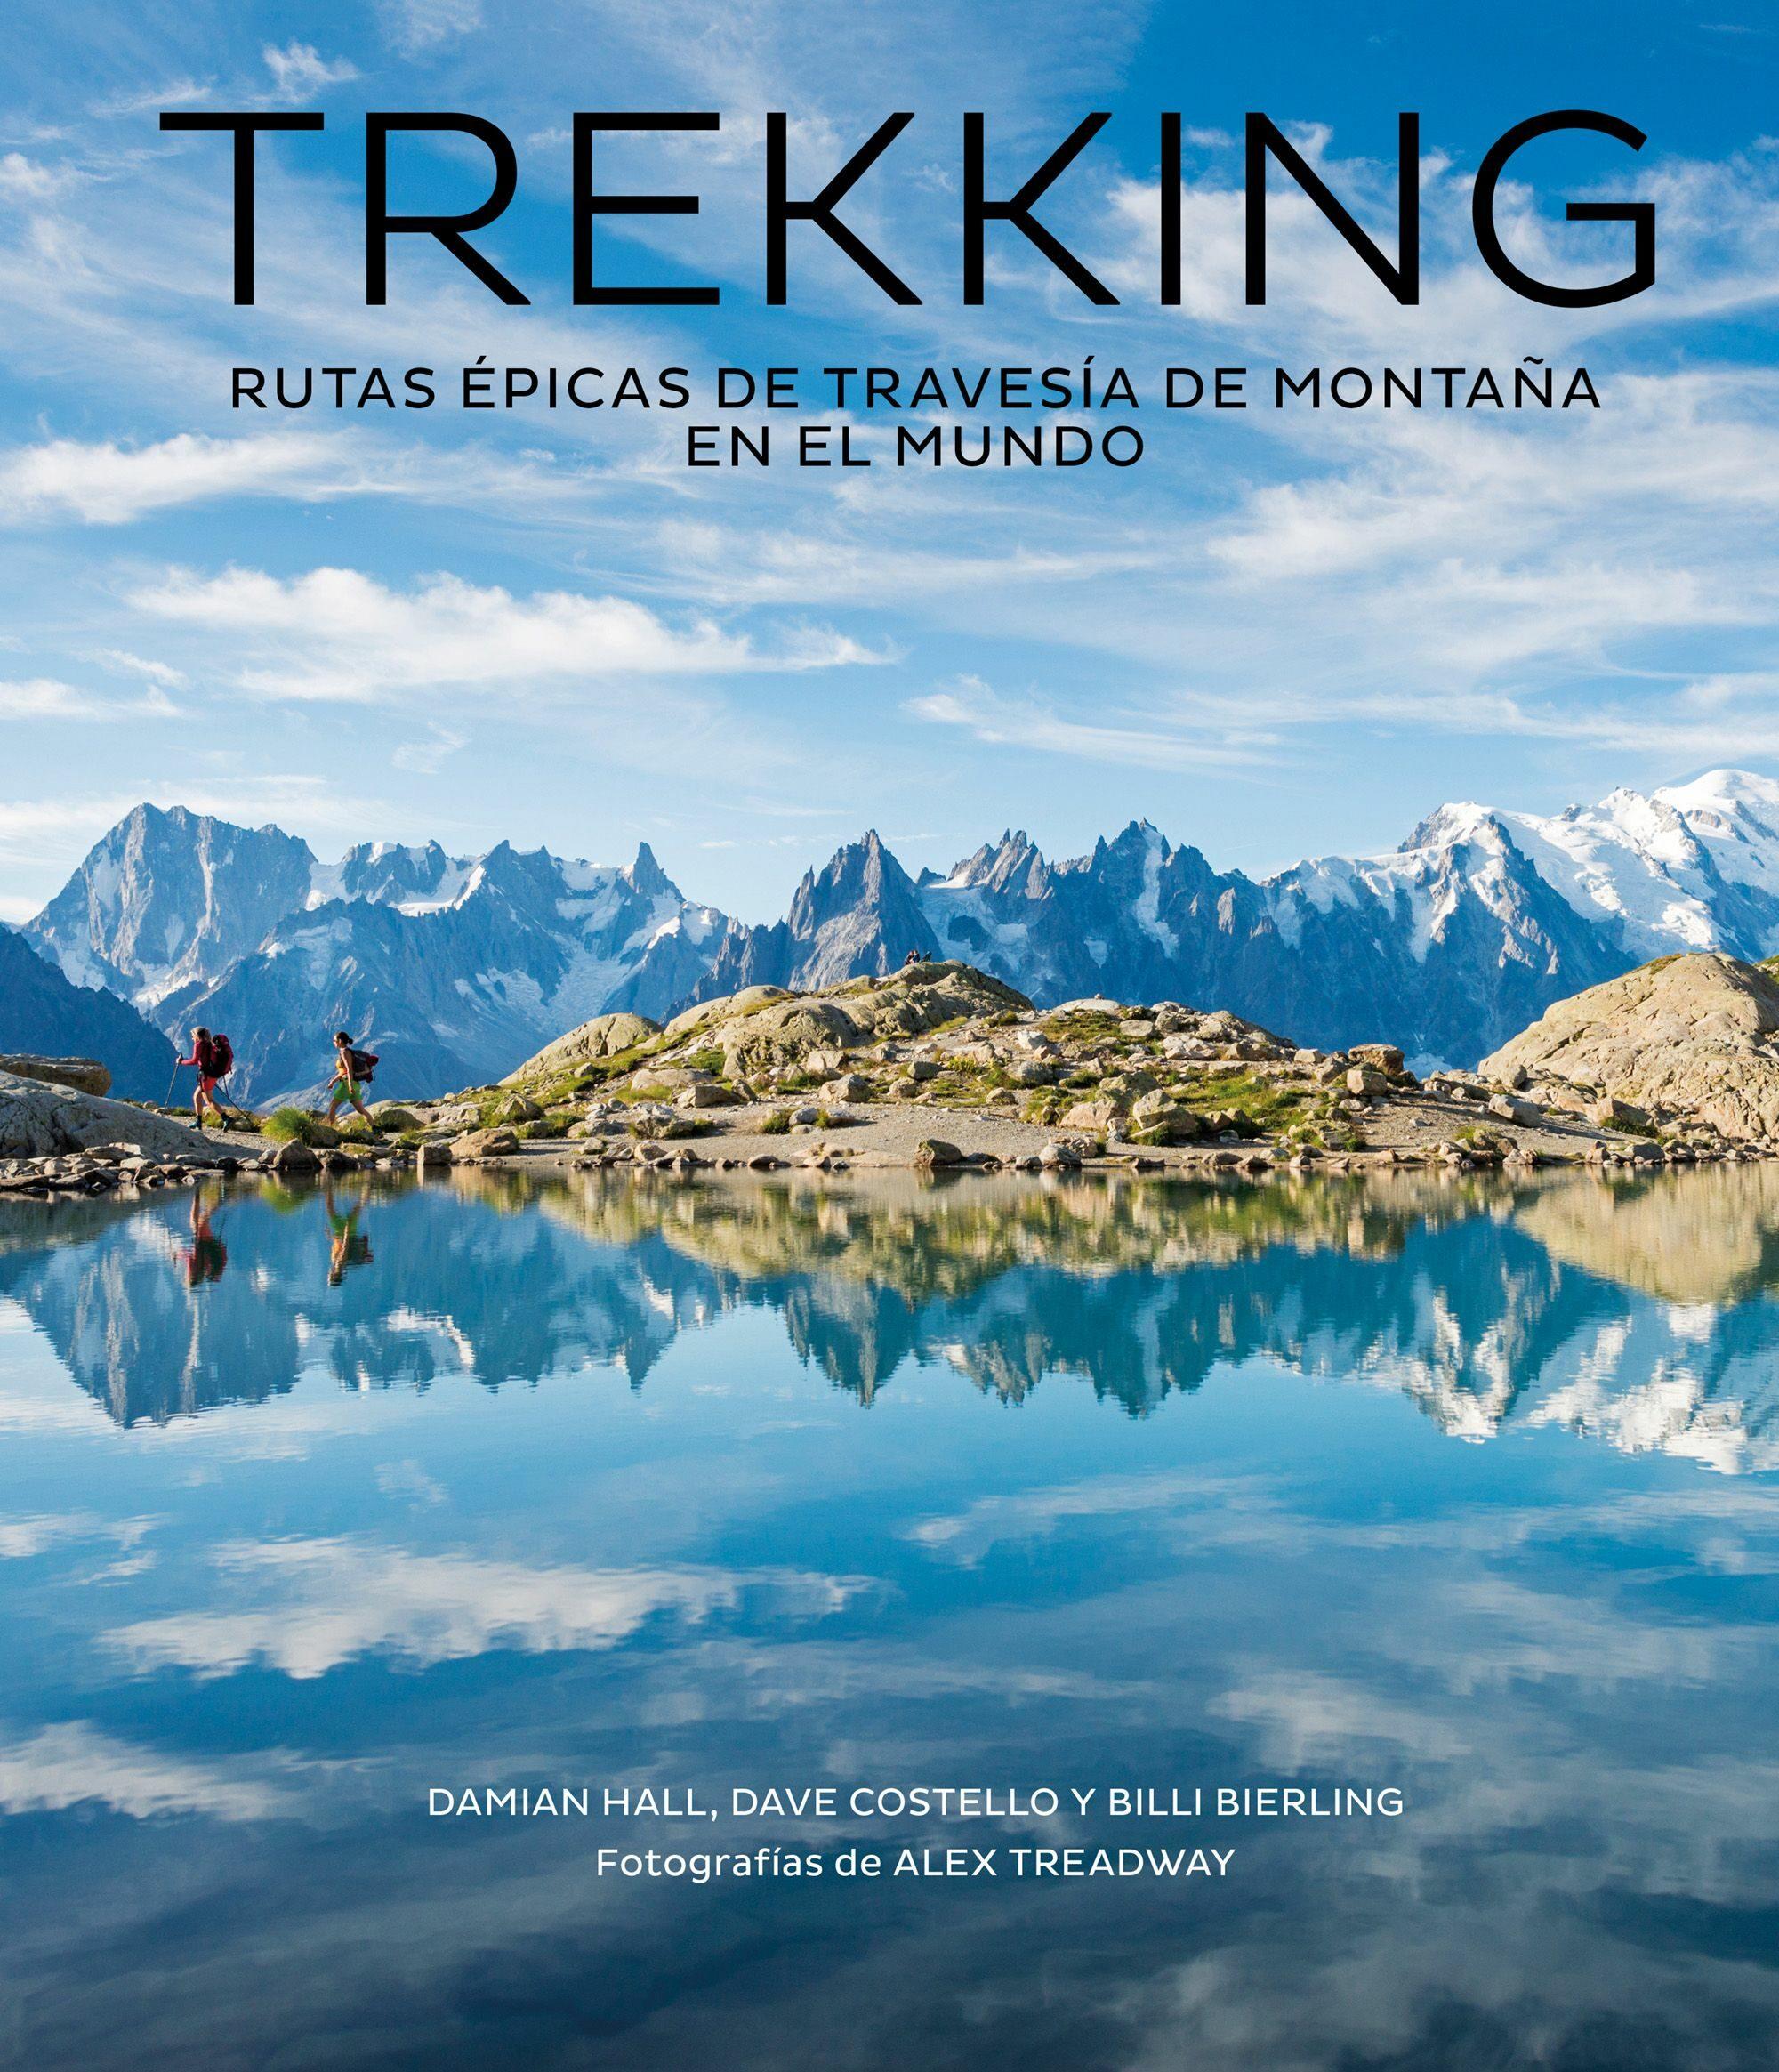 Trekking por Damian Hall;                                                                                    Dave Costello;                                                                                    Billi Bierling